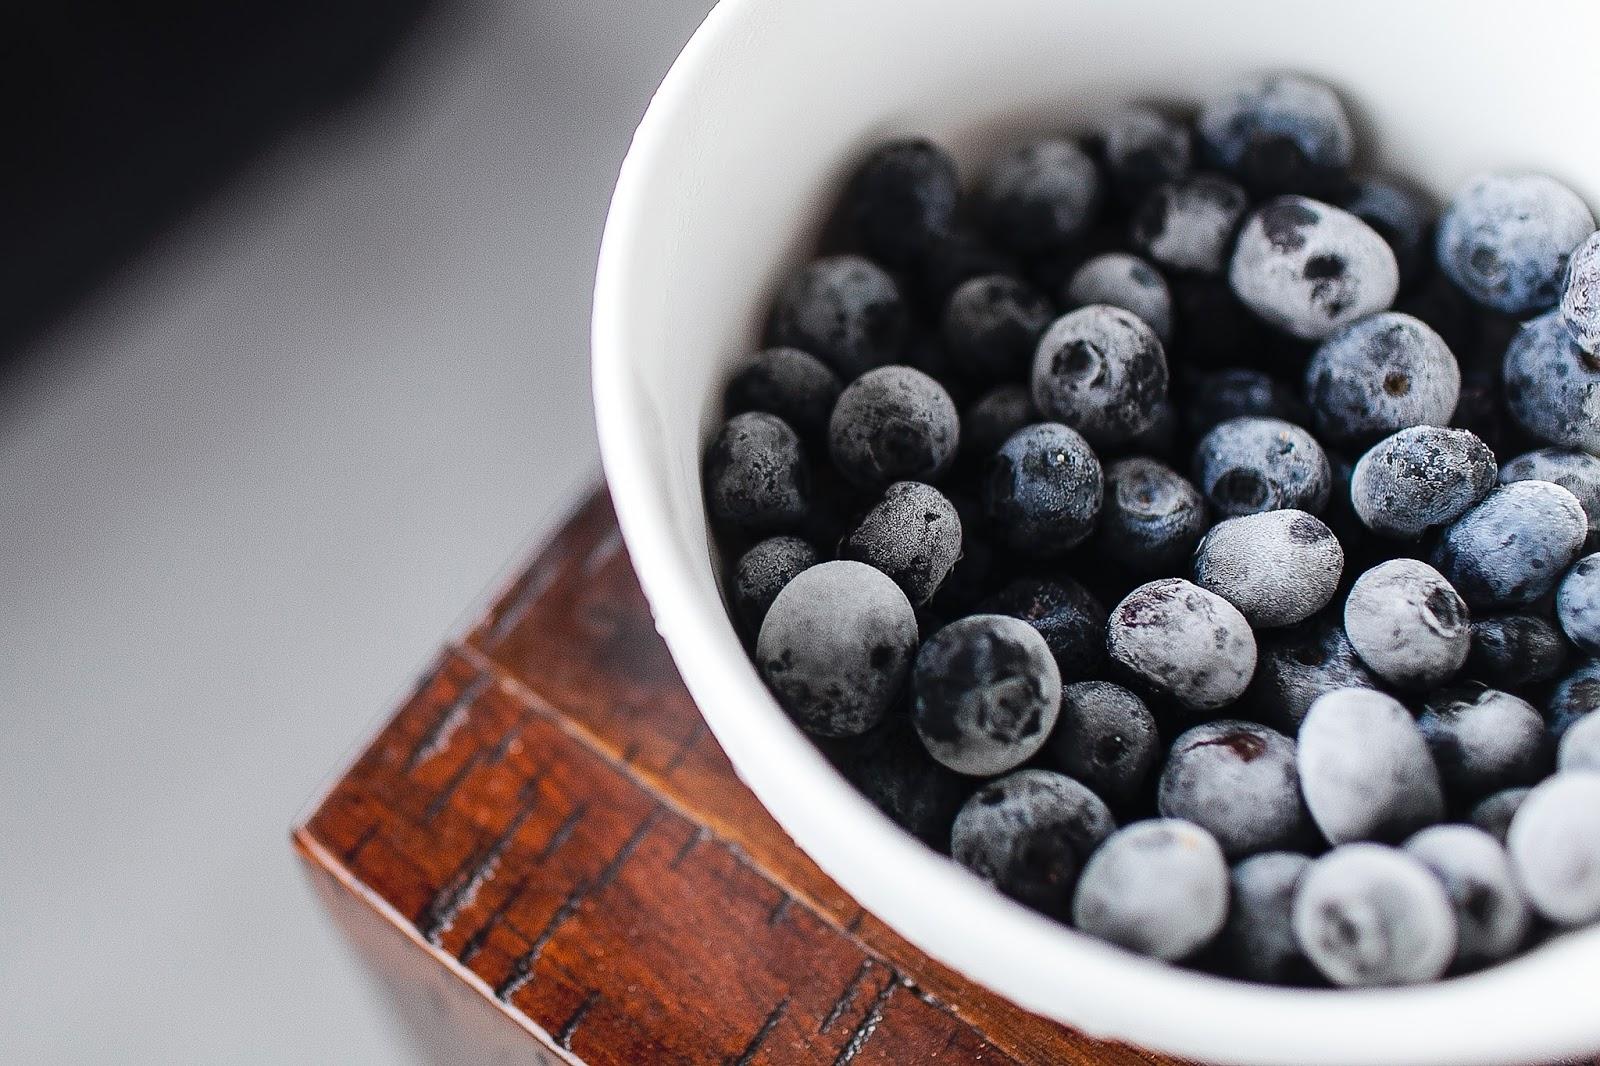 borówki | odżywianie | zdrowe odżywianie | paleo | zdrowie